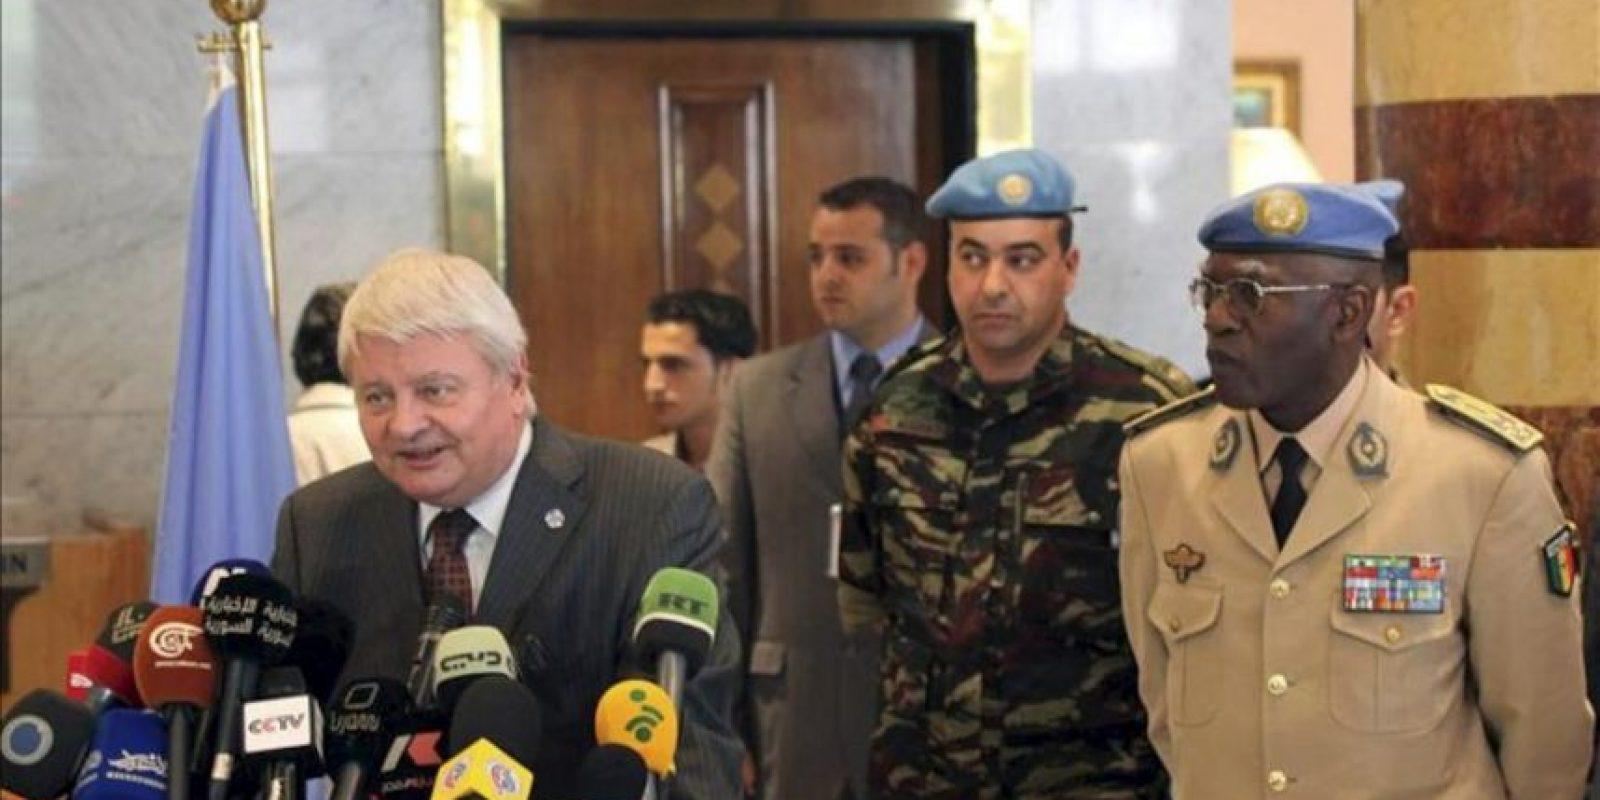 El nuevo dirigente de la misión de observadores de Naciones Unidas en Siria, el general Babacar Gaye (dcha), ofrece una rueda de prensa con el subsecretario general para Operaciones de Paz de Naciones Unidas, Hervé Ladsous (izda), en Damasco (Siria) hoy, miércoles 25 de julio. EFE